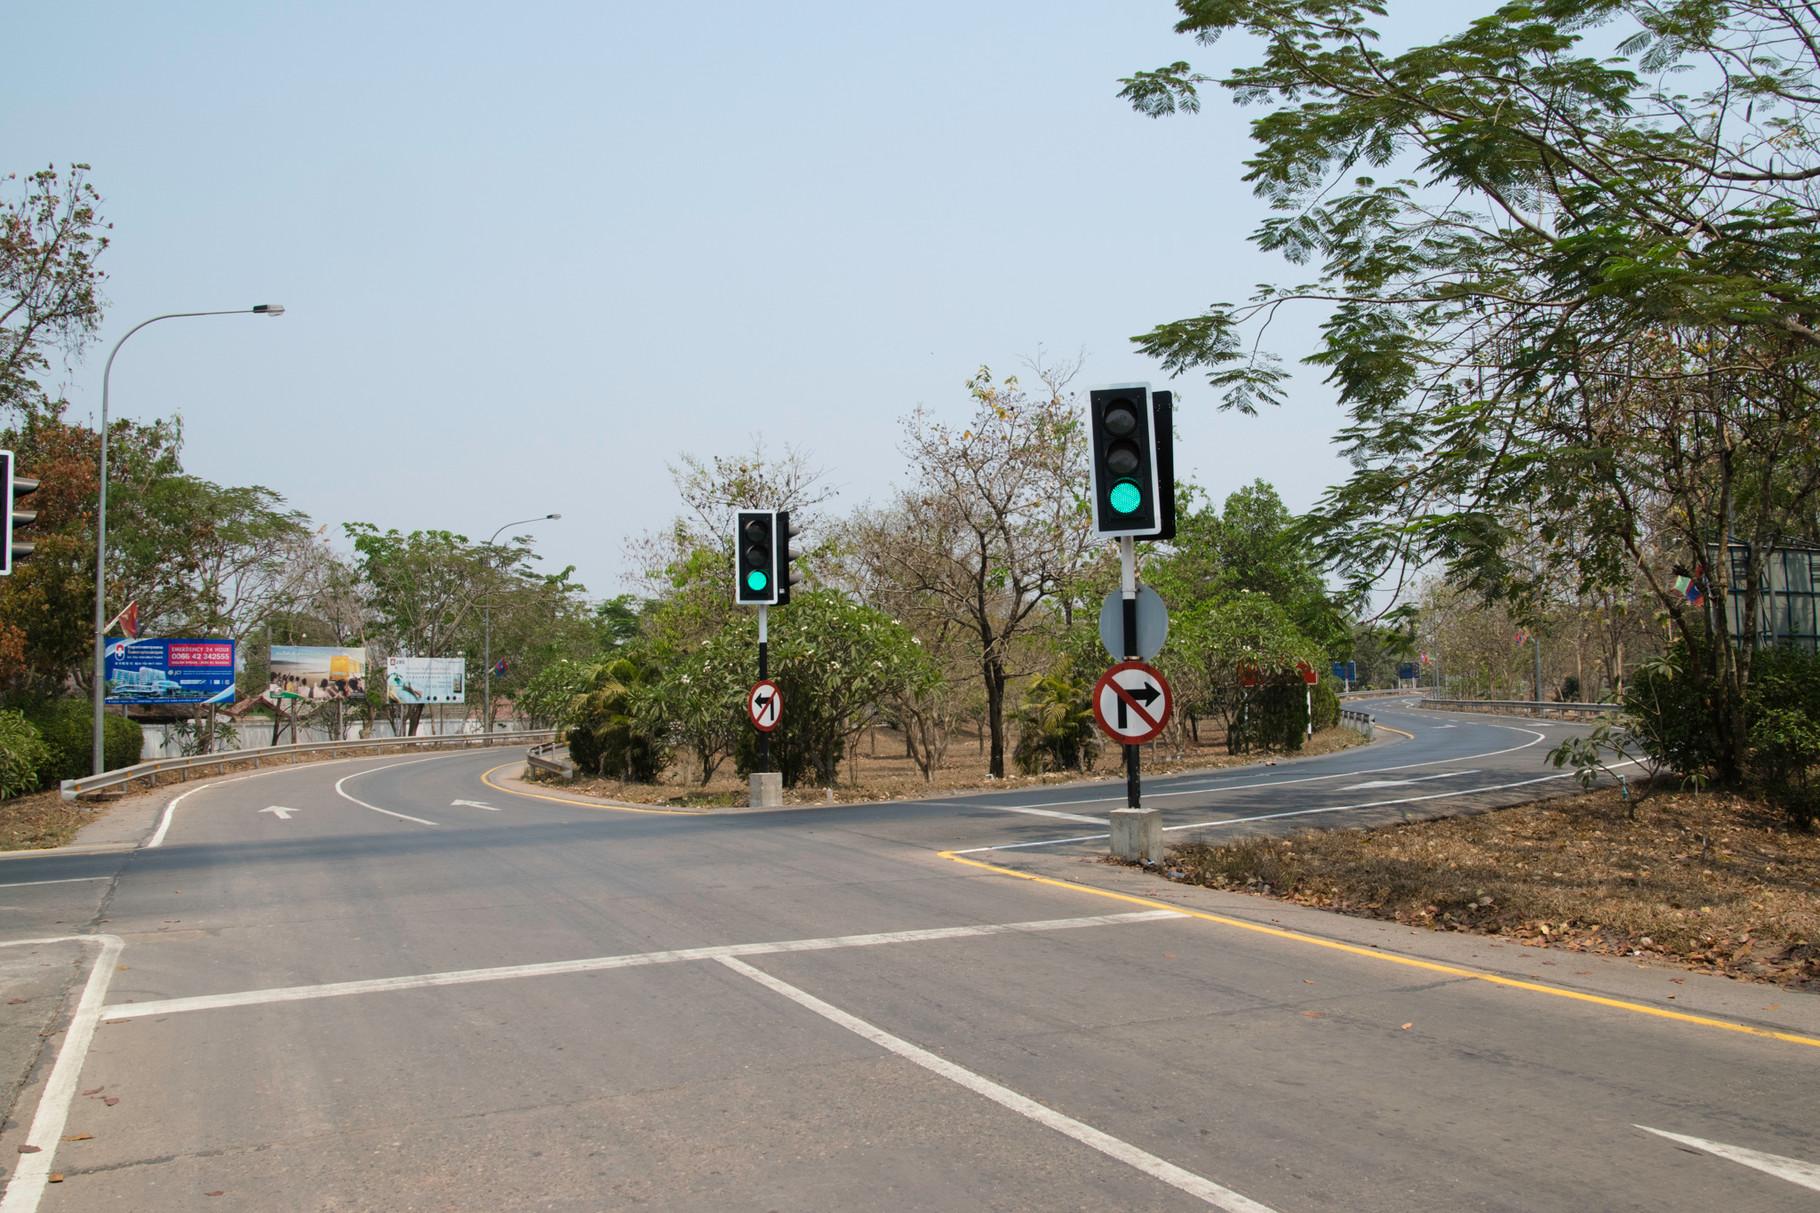 Spurwechsel vom Rechtsverkehr in Laos zum Linksverkehr in Thailand